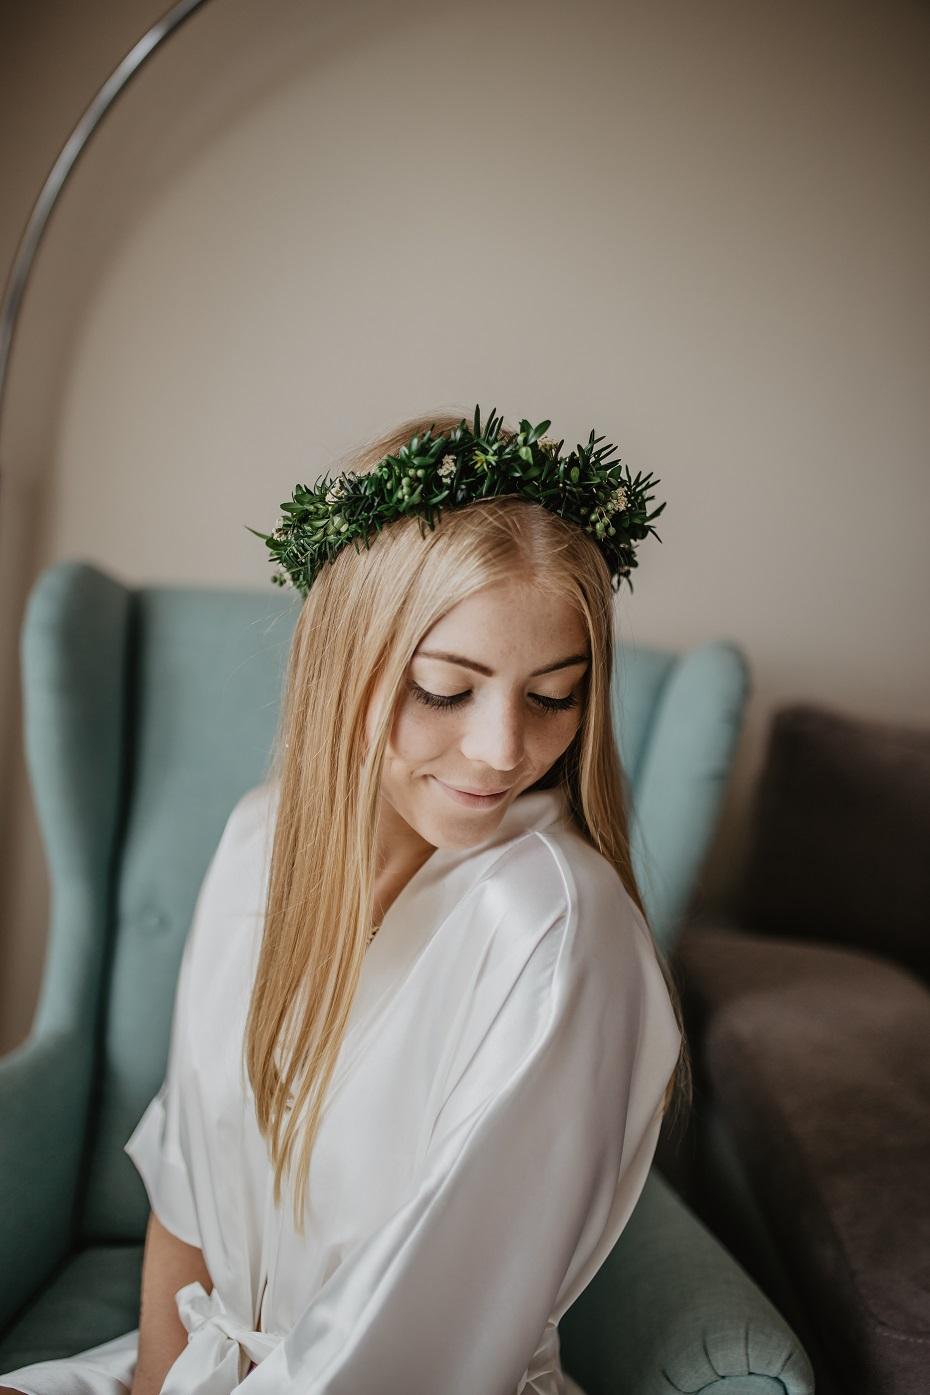 szlafrok bridesmaid